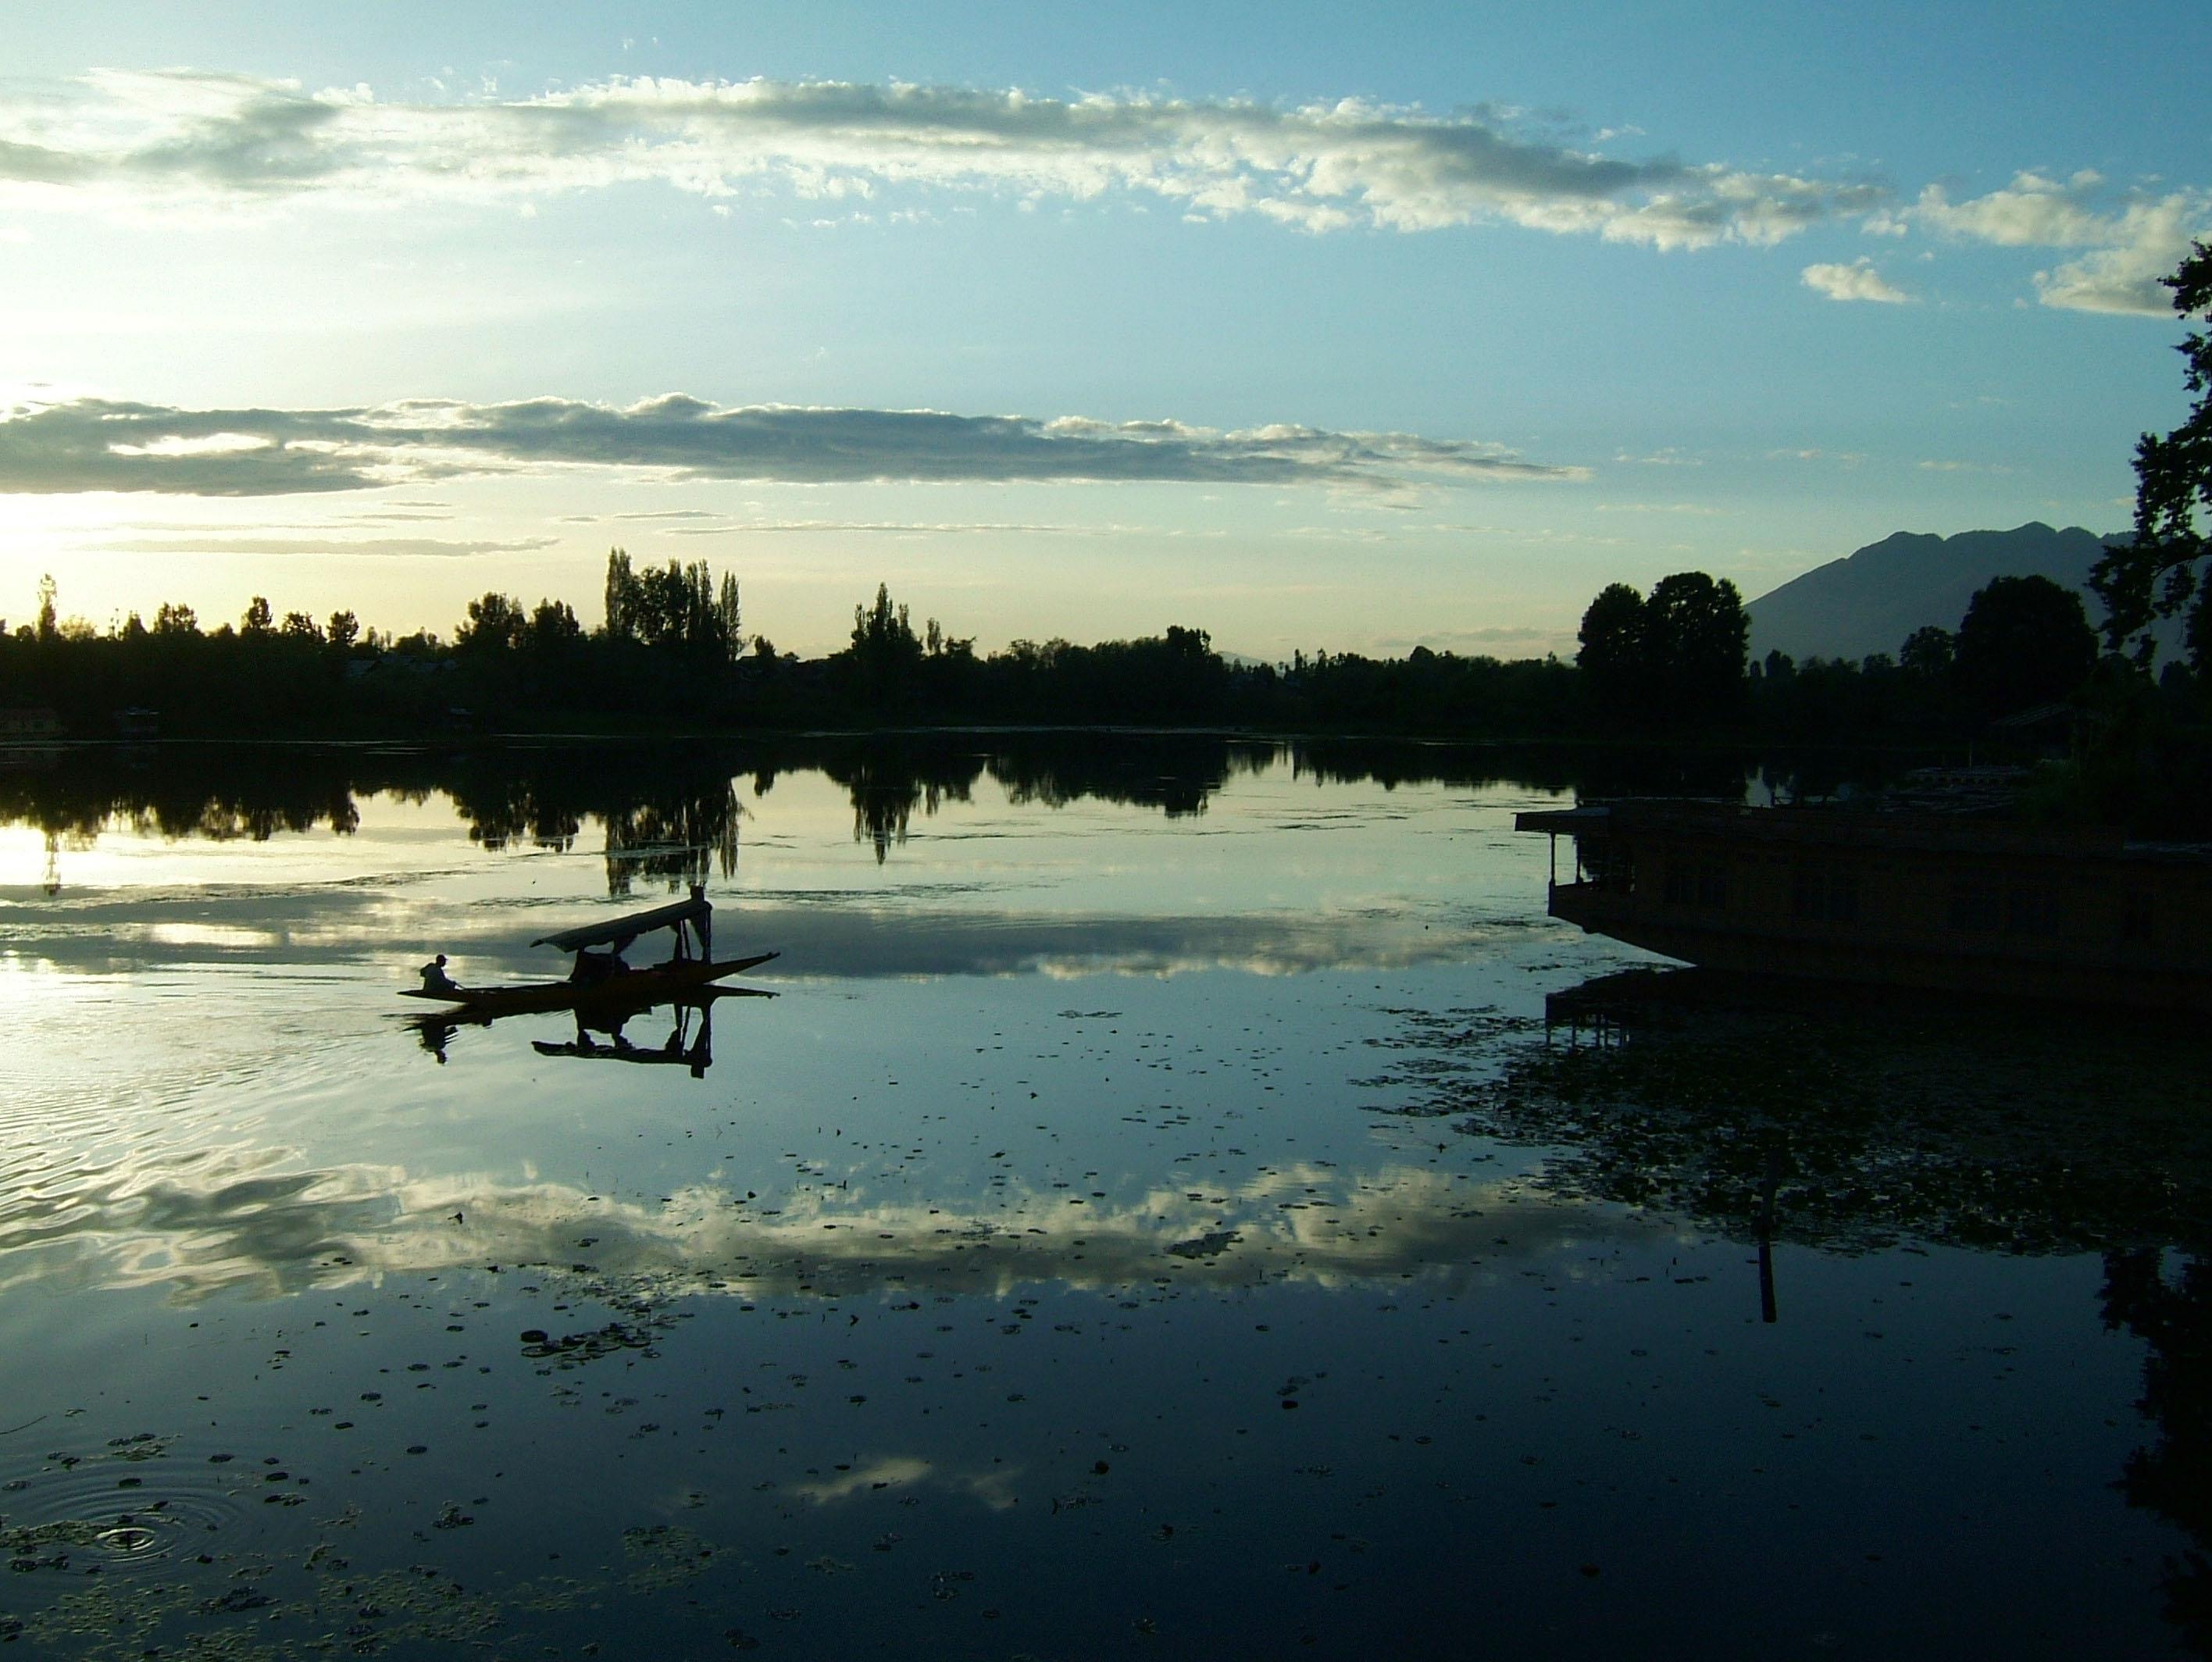 Kashmir Srinagar Shikaras Dal lake India Apr 2004 11